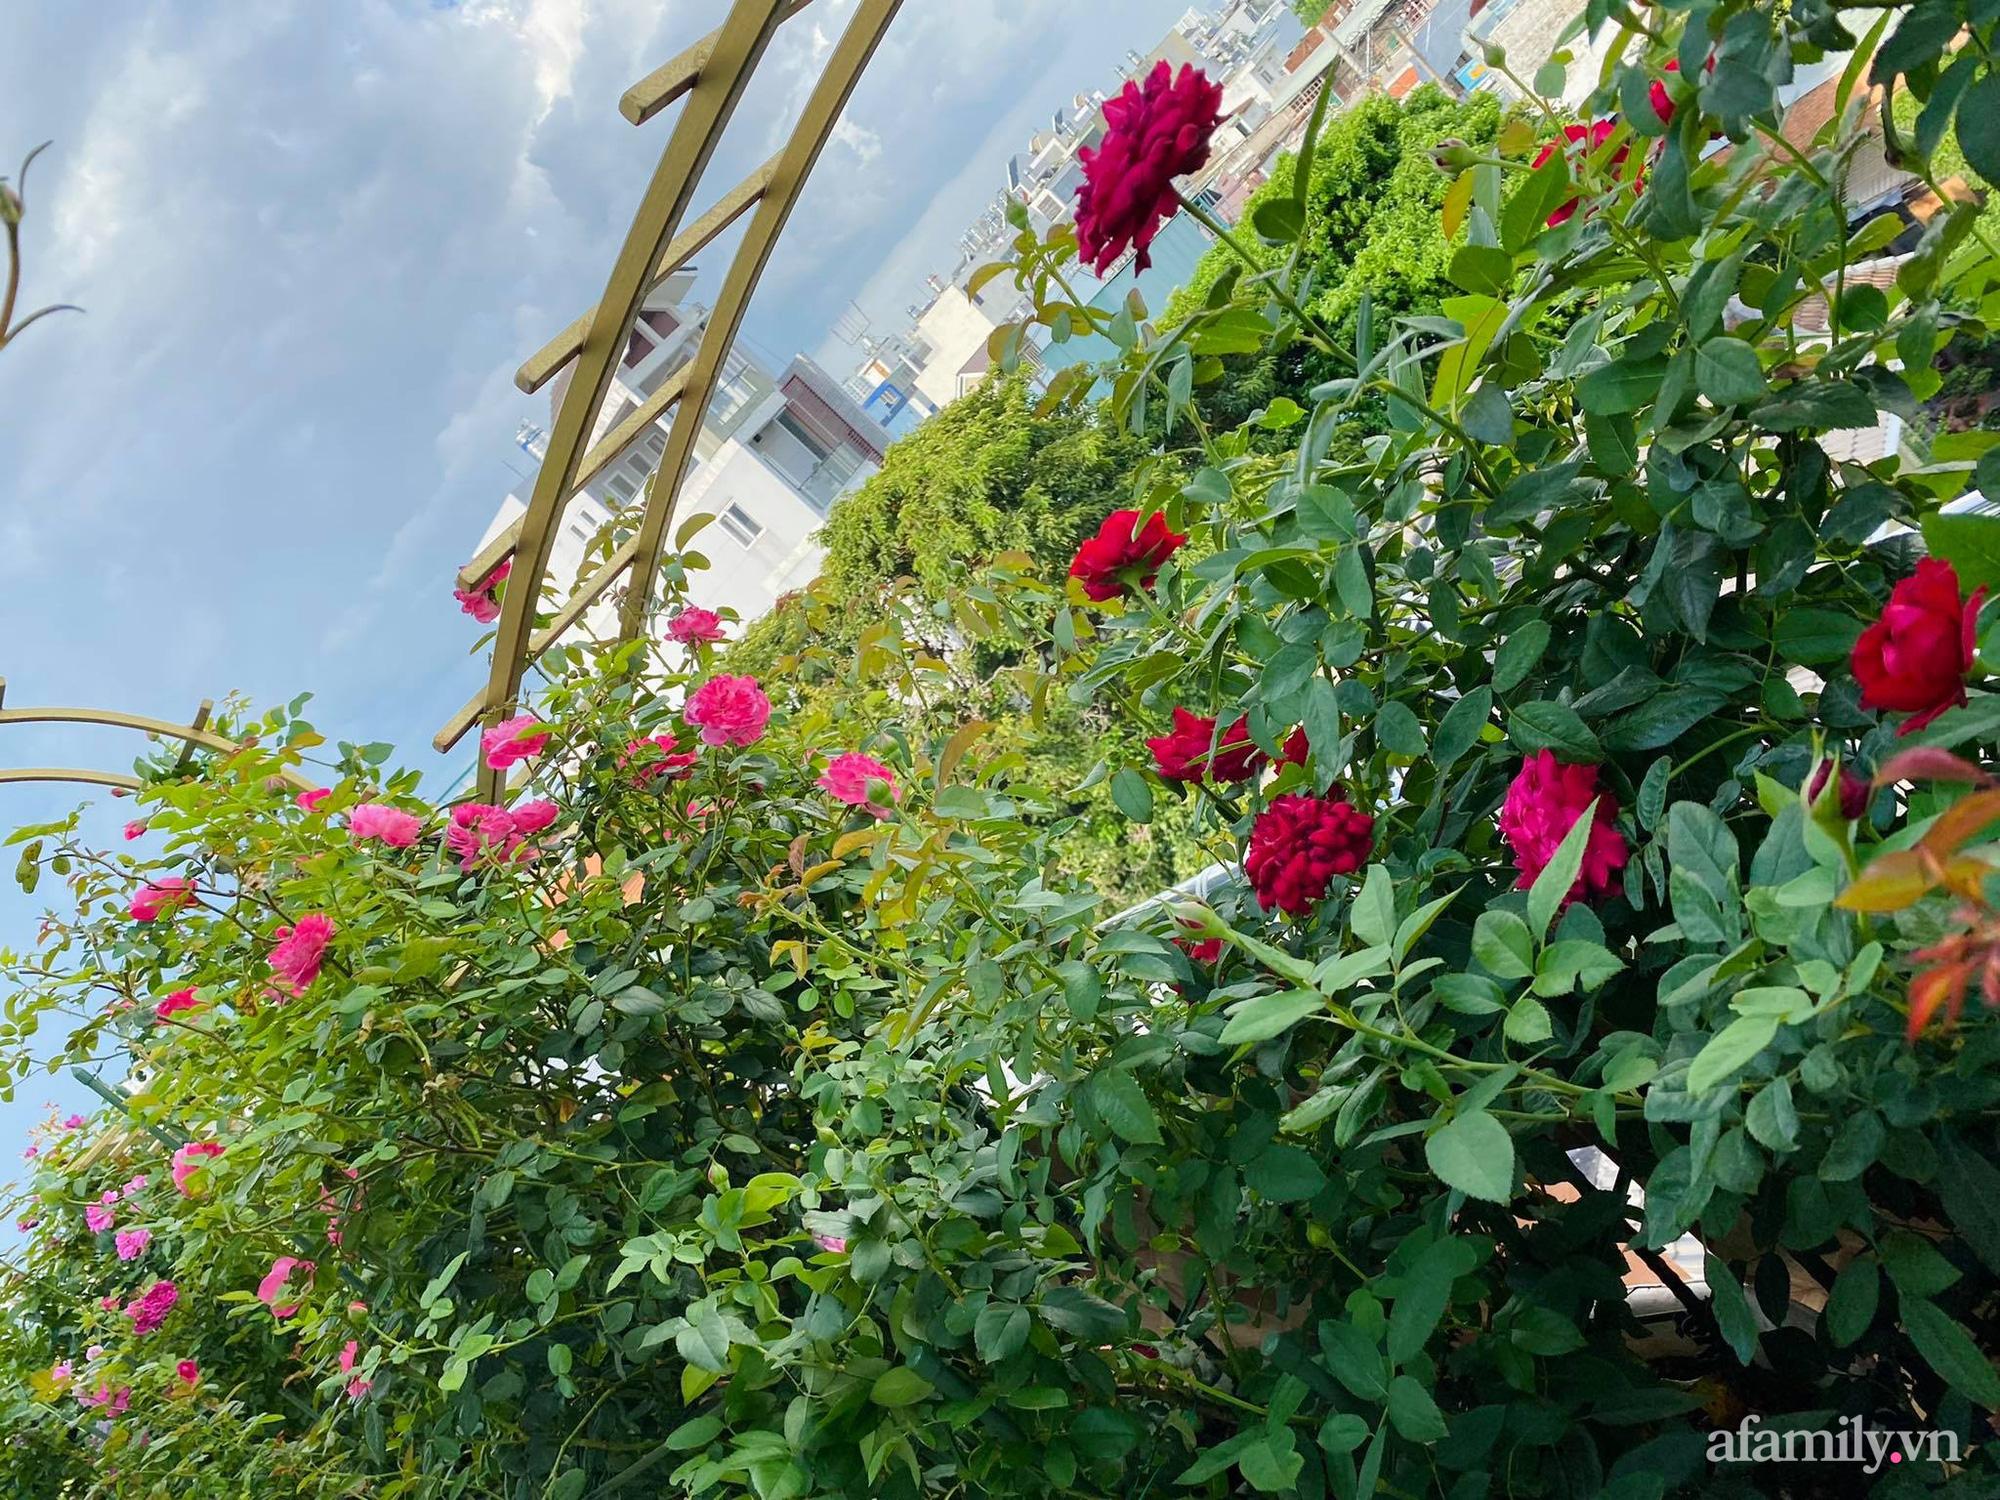 Sân thượng phủ kín hoa hồng và rau quả sạch ở Sài Gòn của Hoa hậu Janny Thủy Trần - ảnh 6